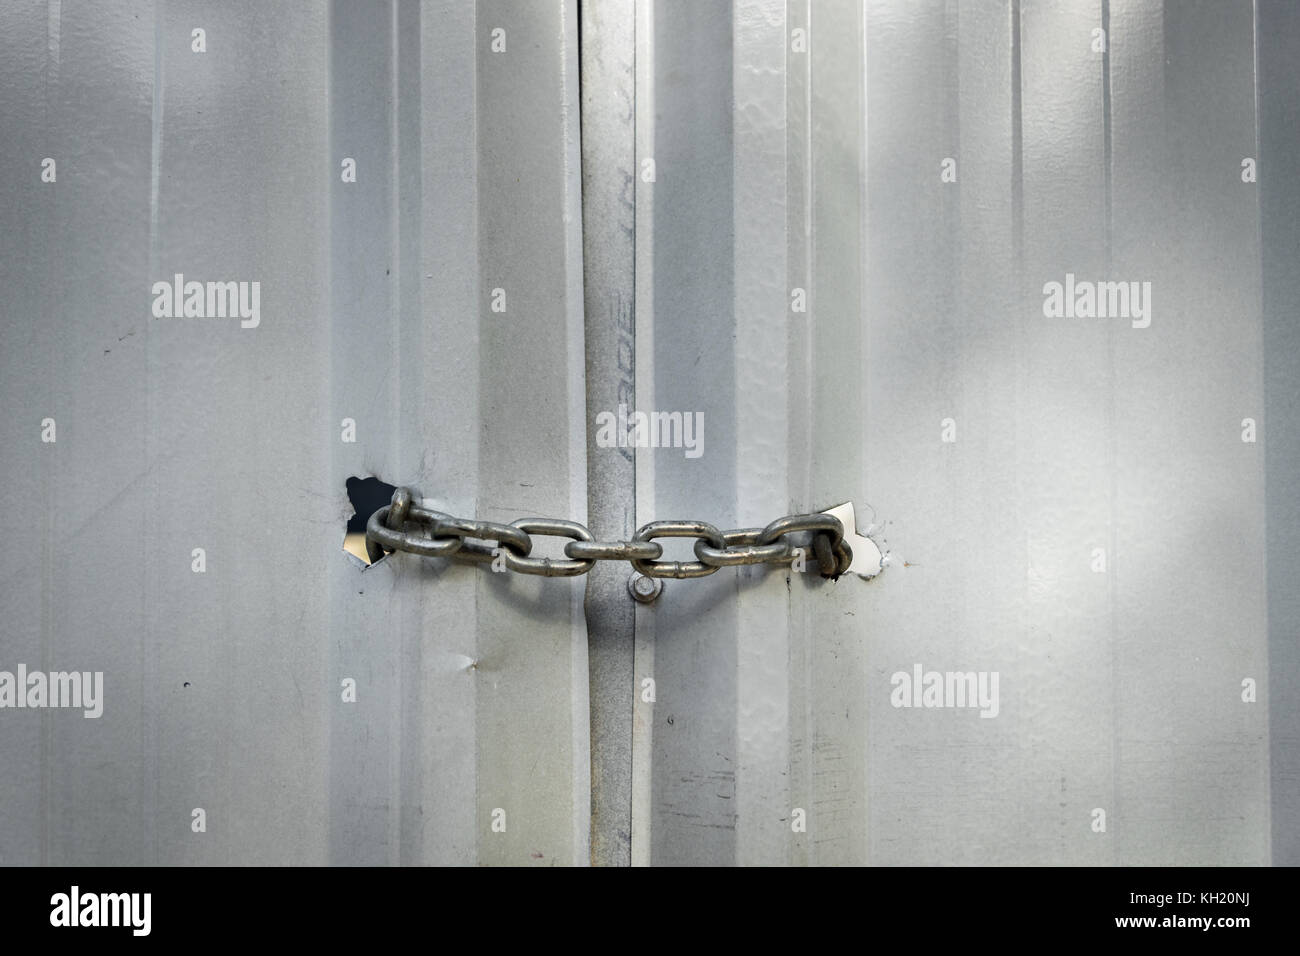 Cadena de metal firmemente la puerta de bloqueo en un entorno industrial Imagen De Stock